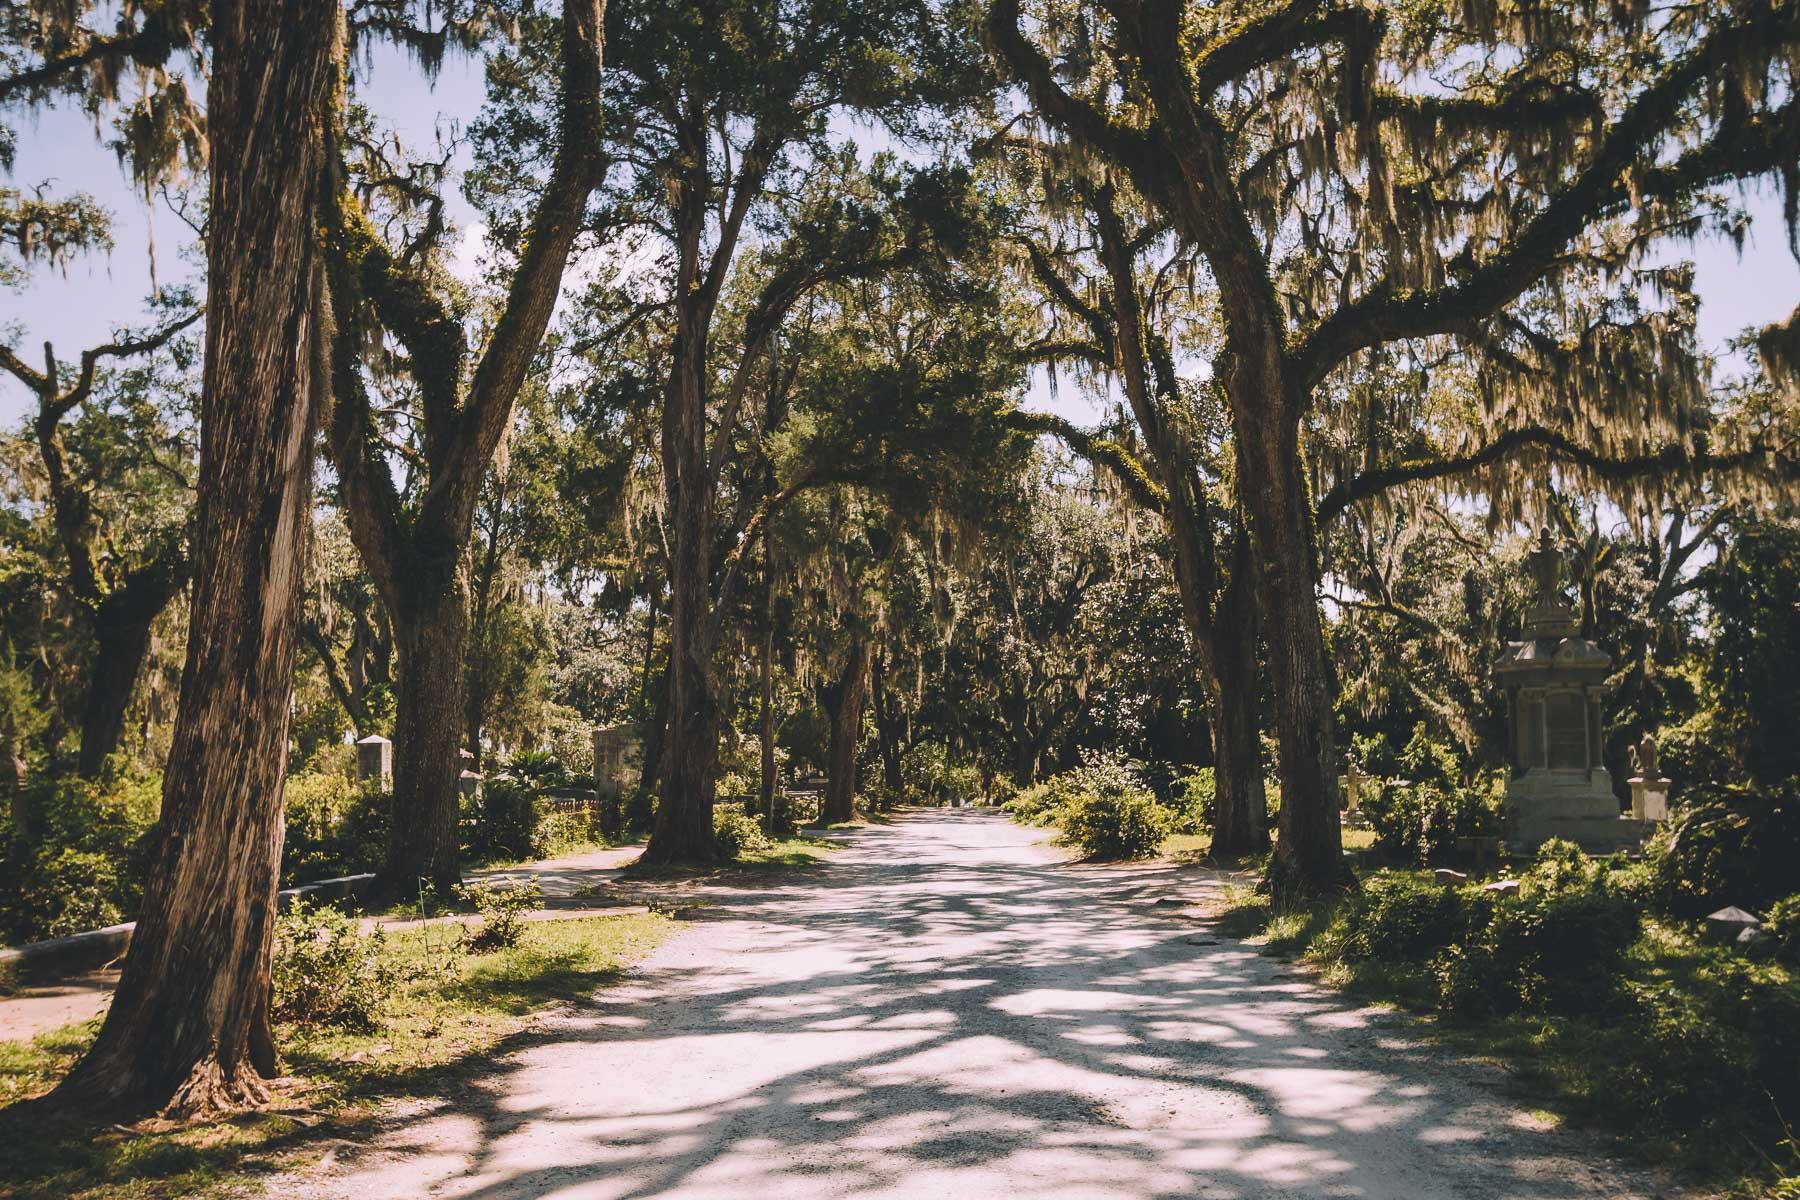 savannah_forblog-15.jpg